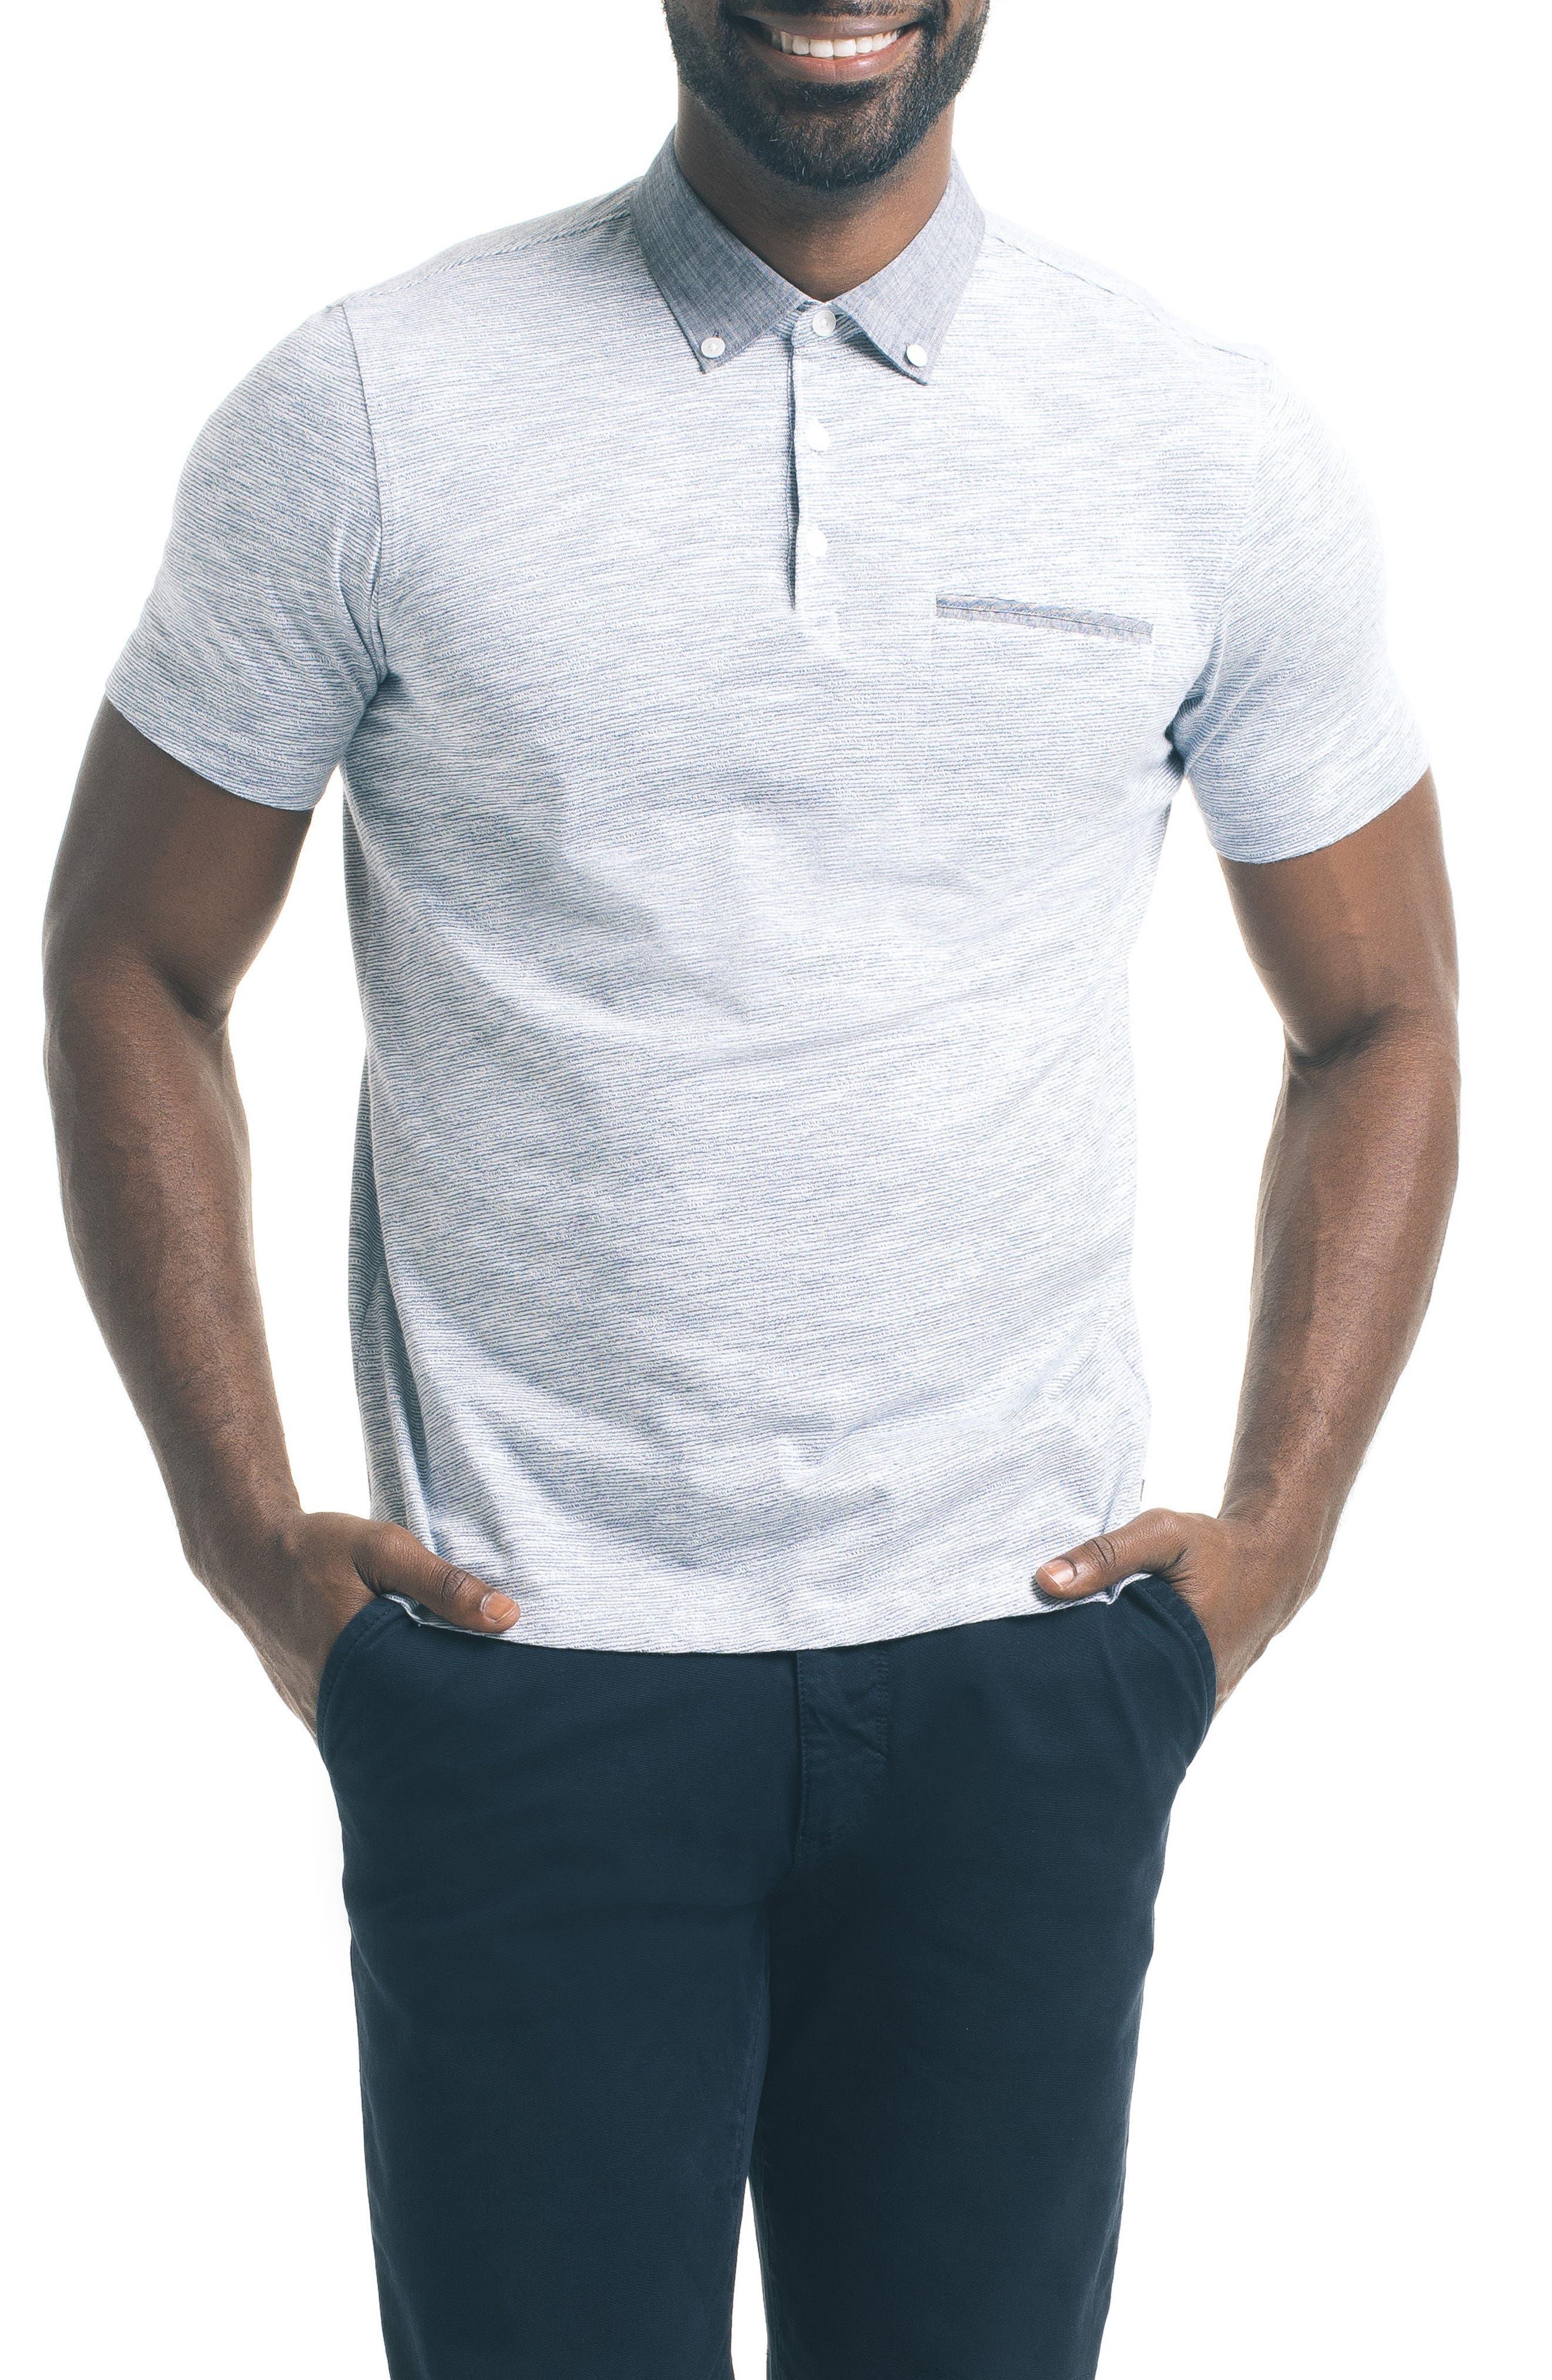 Main Image - Good Man Brand Trim Fit Carbon Peach Polo